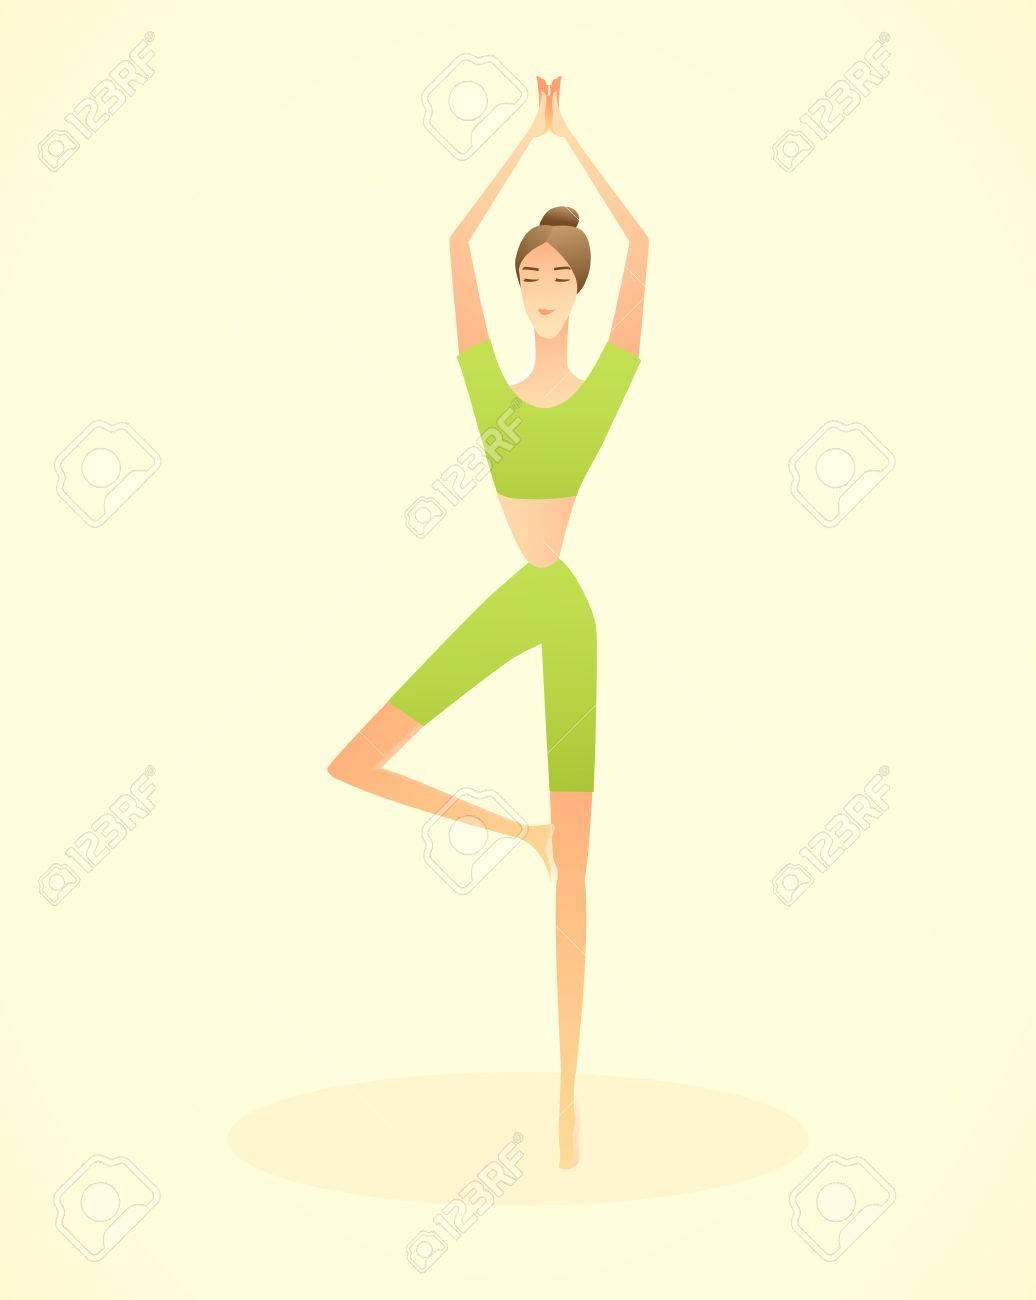 Foto de archivo - Ilustración de vector de una silueta de una mujer.  belleza y salud fcfe7b959164